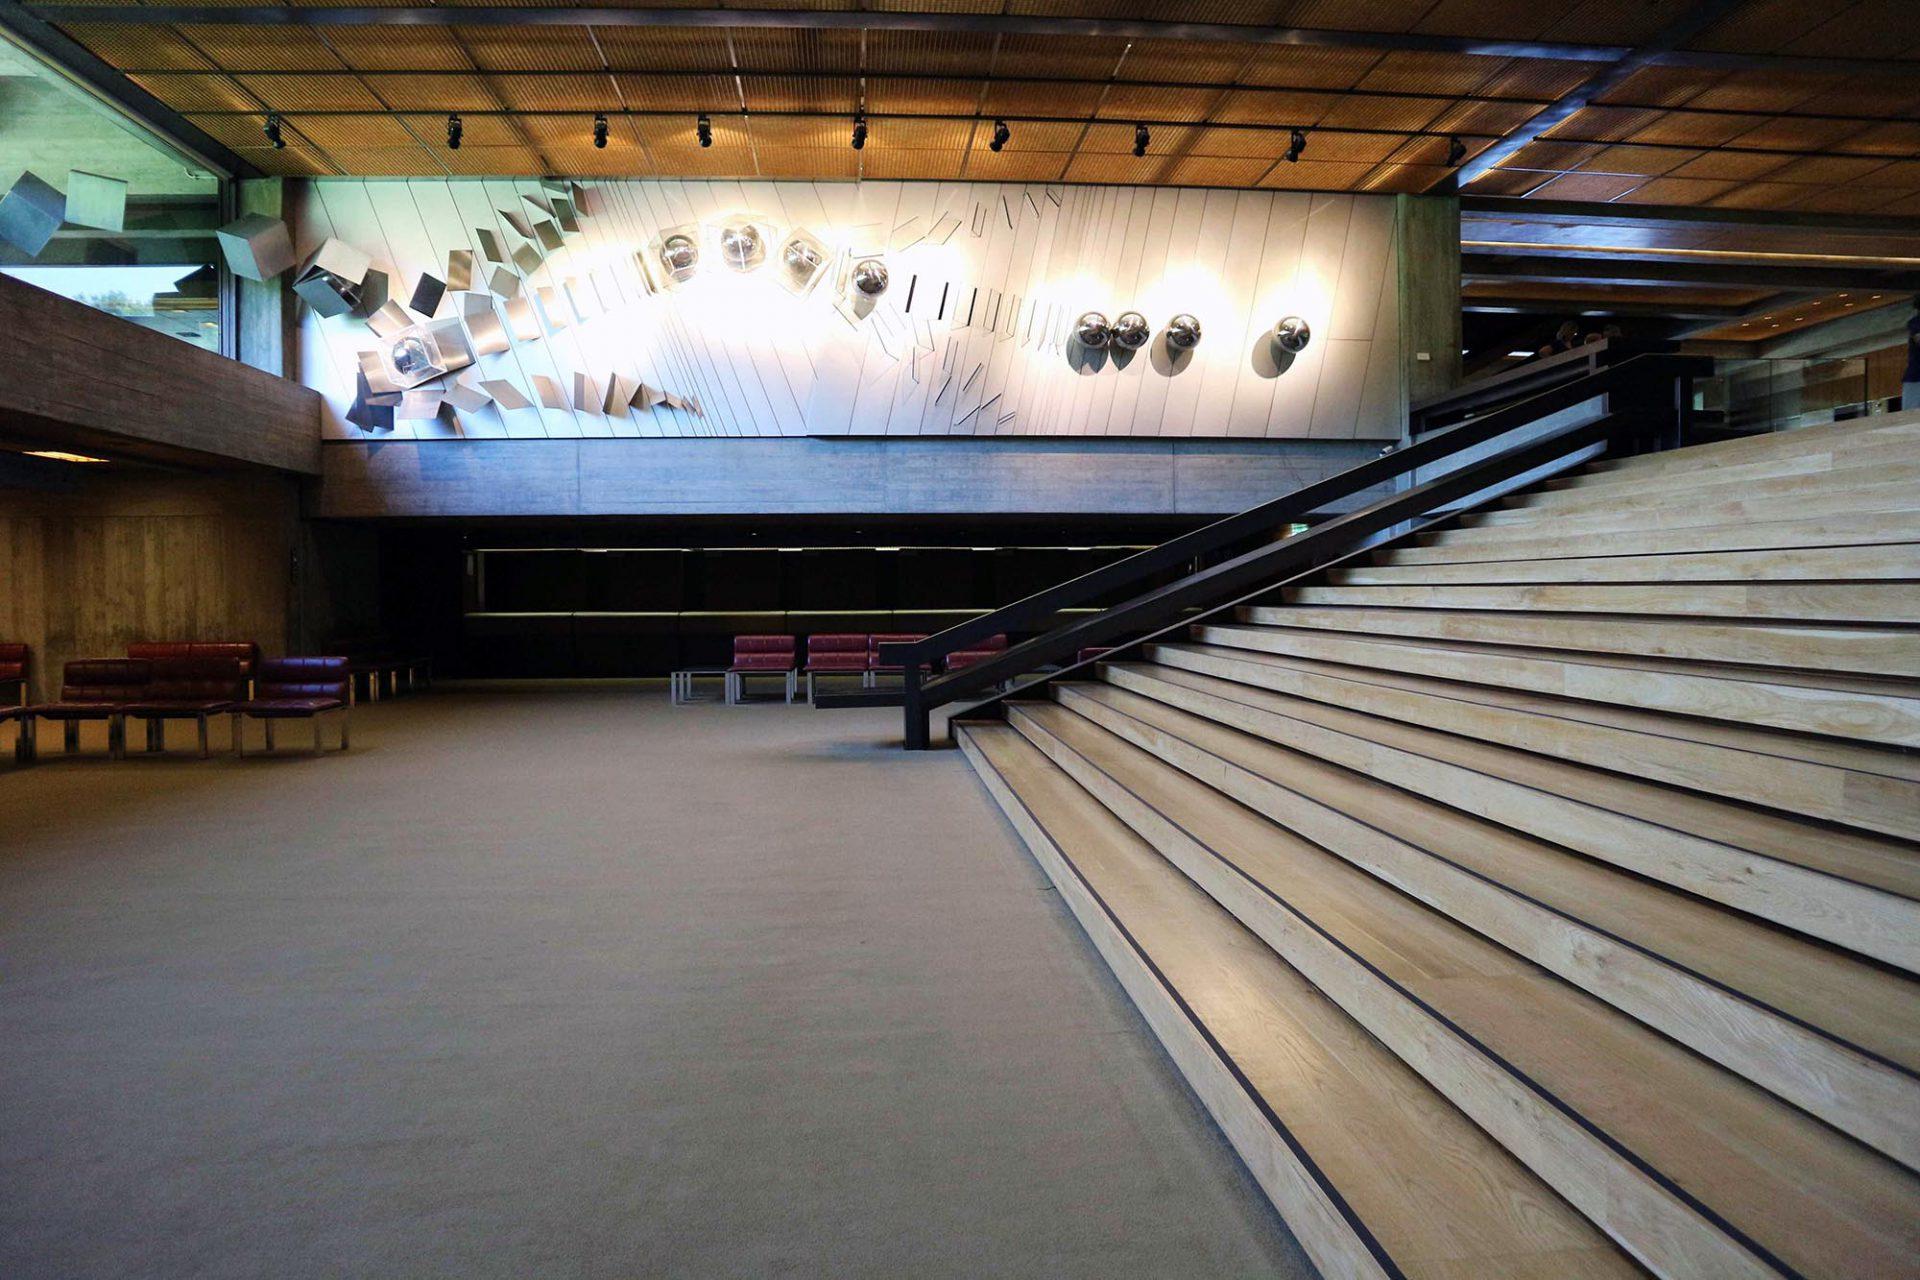 Der Stiftungssitz und das Auditorium. An der Wand ist eine bewegte Skulptur aus Stahl, Aluminium und Acrylglas von Artur Rosa installiert.